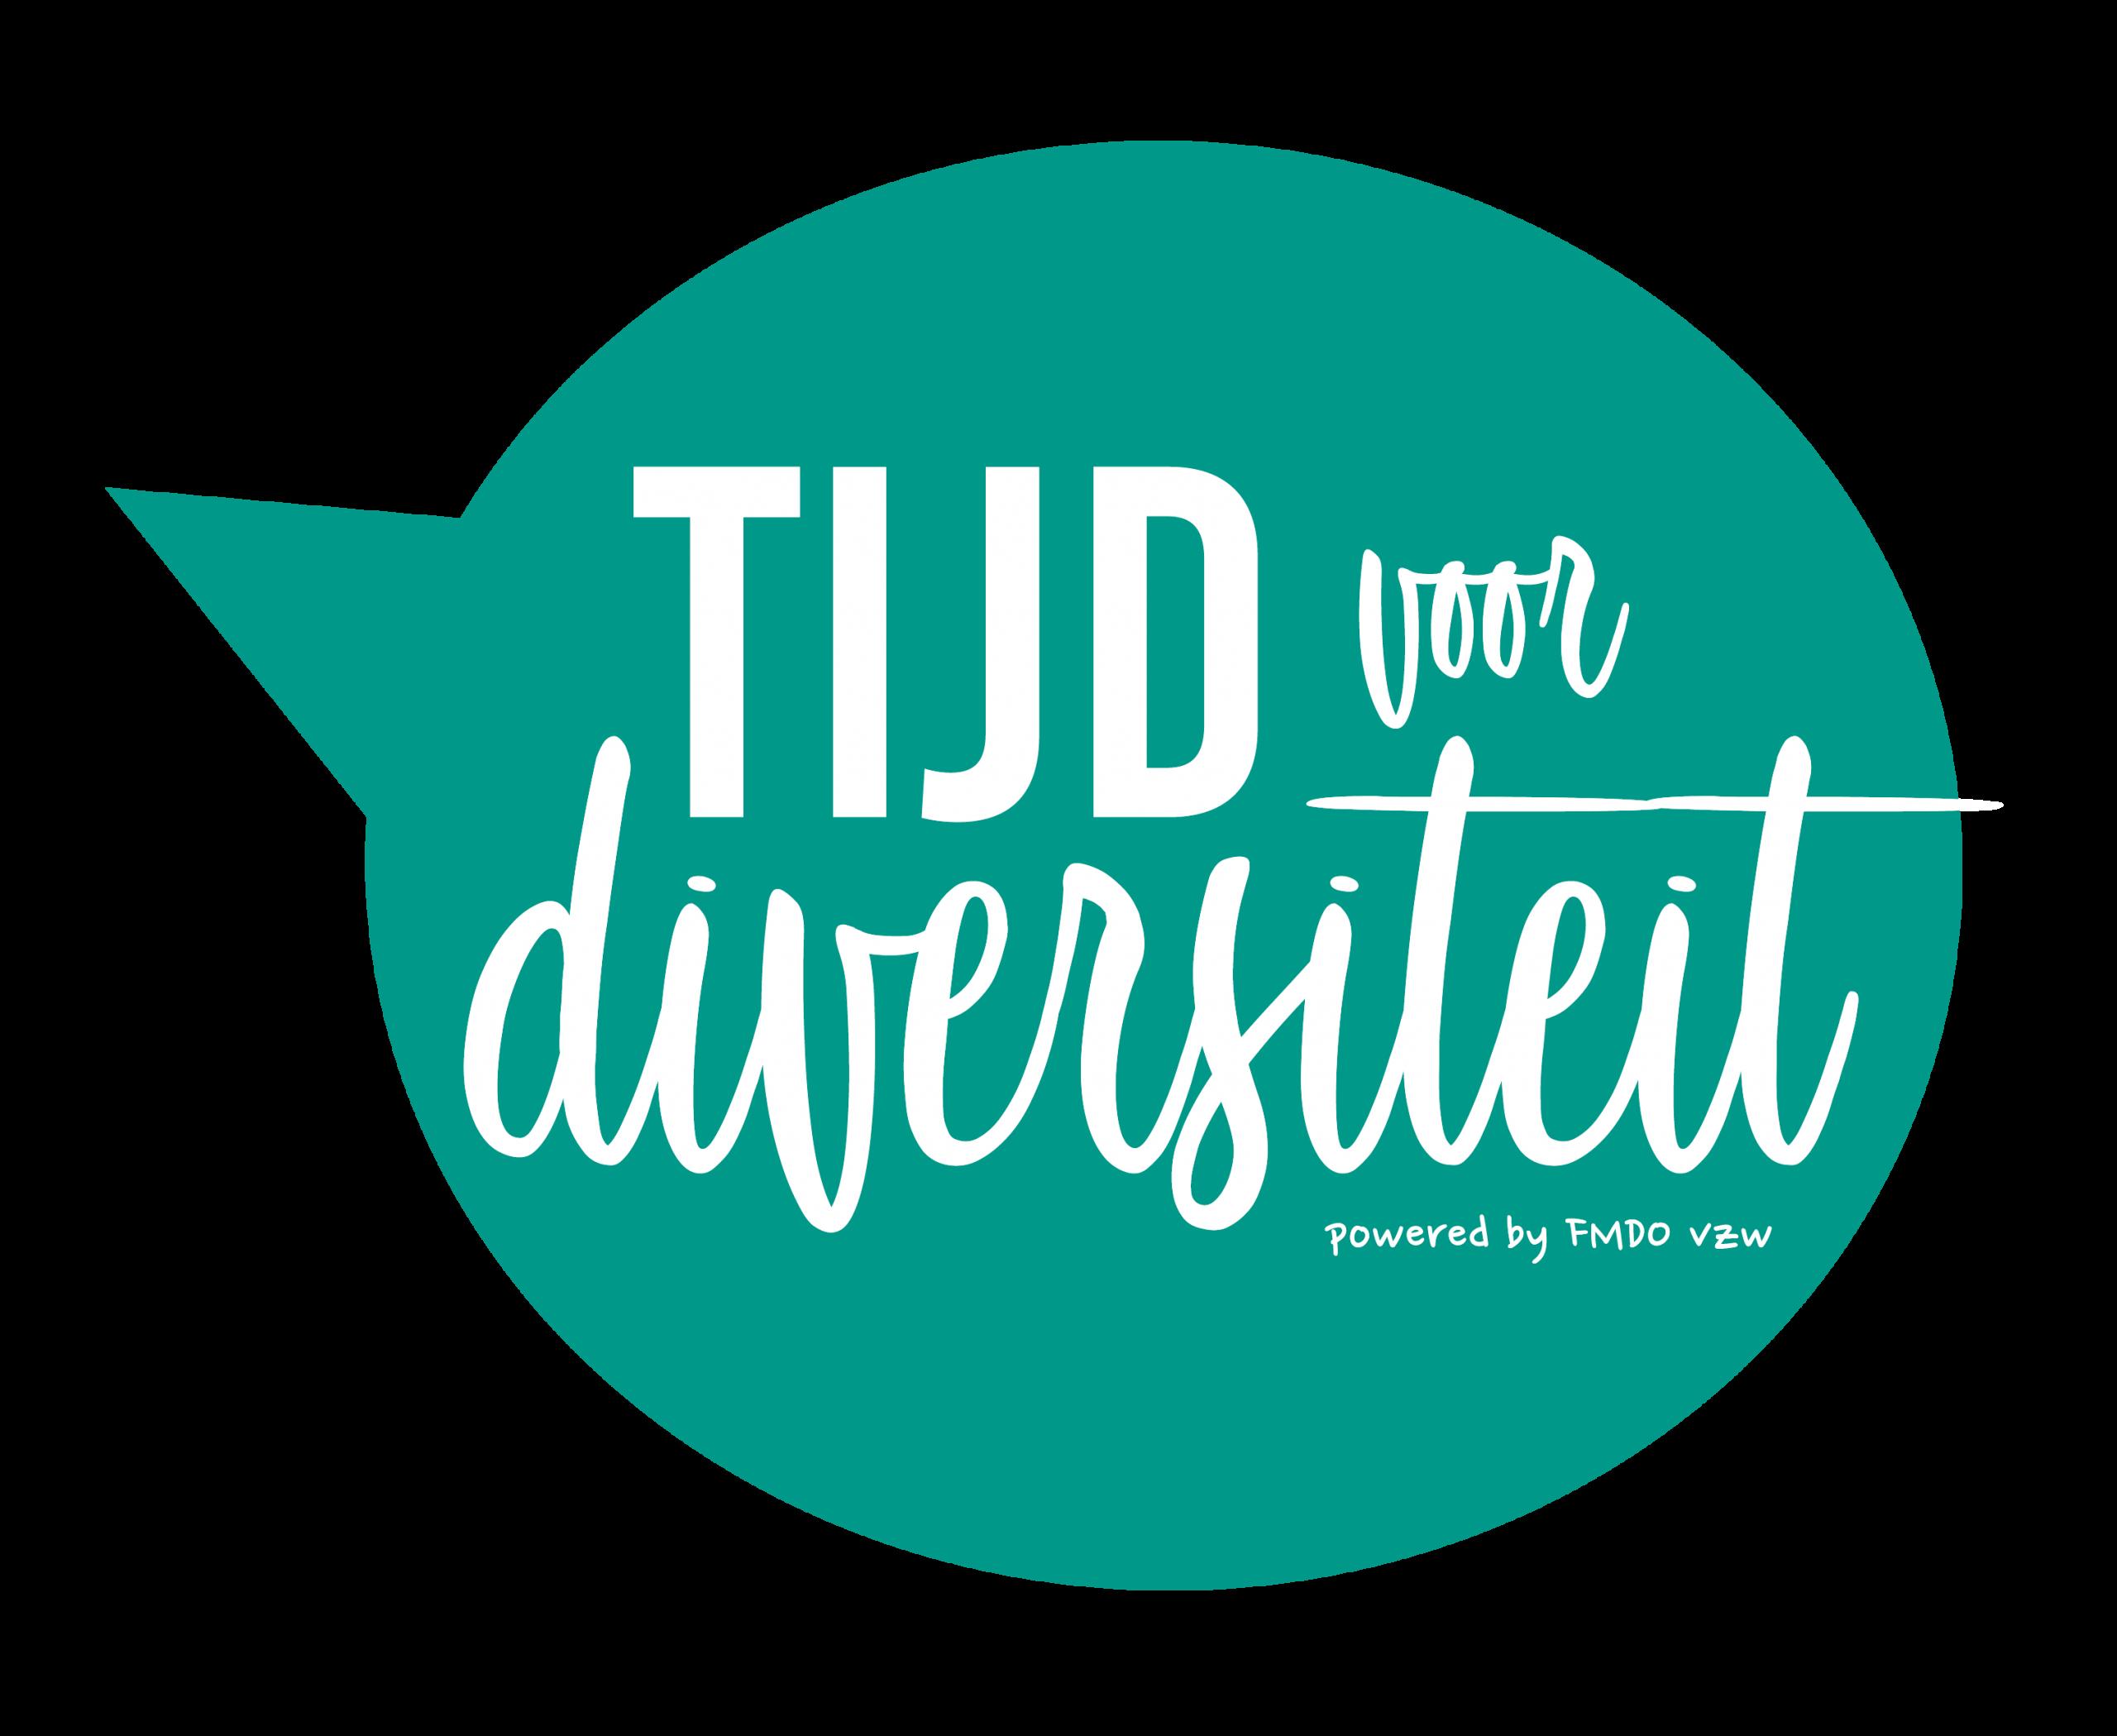 Tijd voor Diversiteit